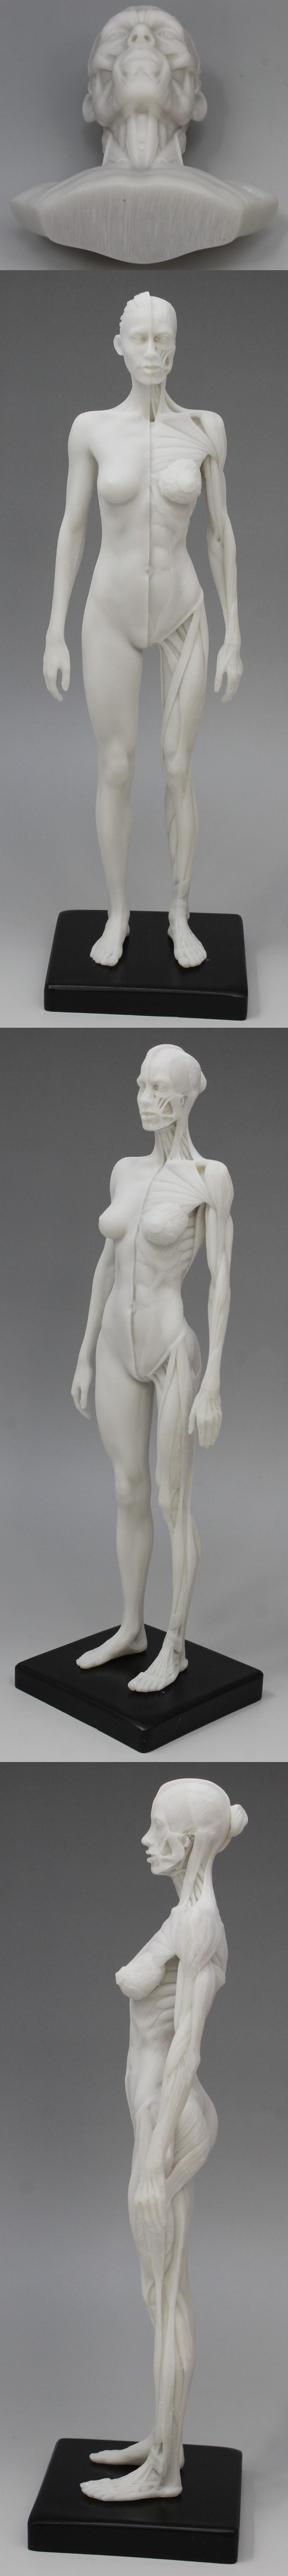 009人体模型3